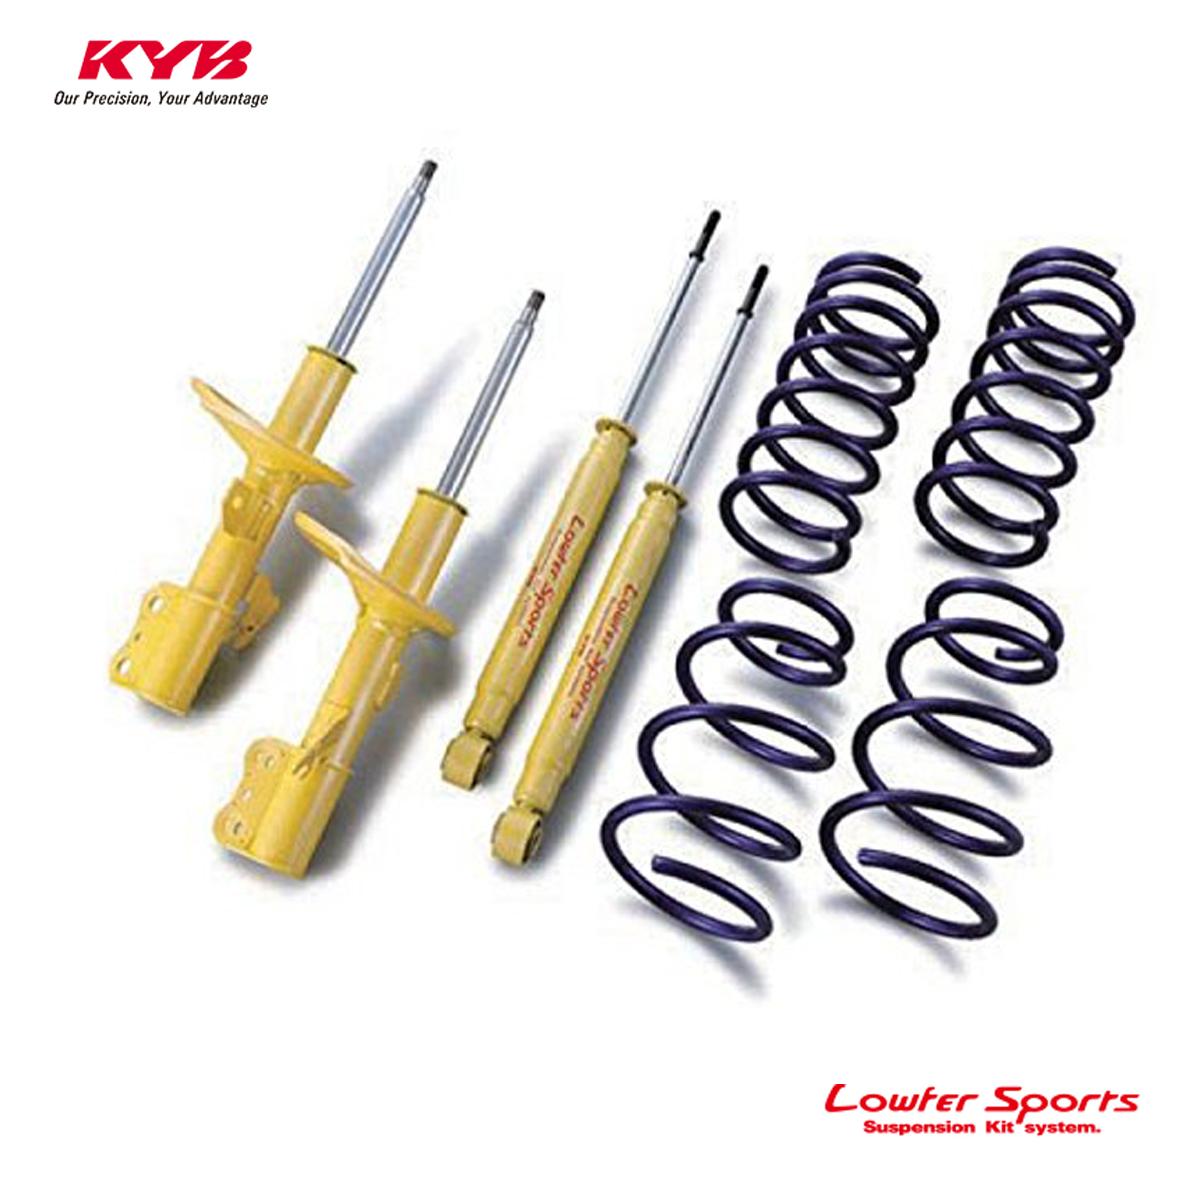 KYB カヤバ フィット GK3 ショックアブソーバー サスペンションキット Lowfer Sports LKIT-GK3 配送先条件有り